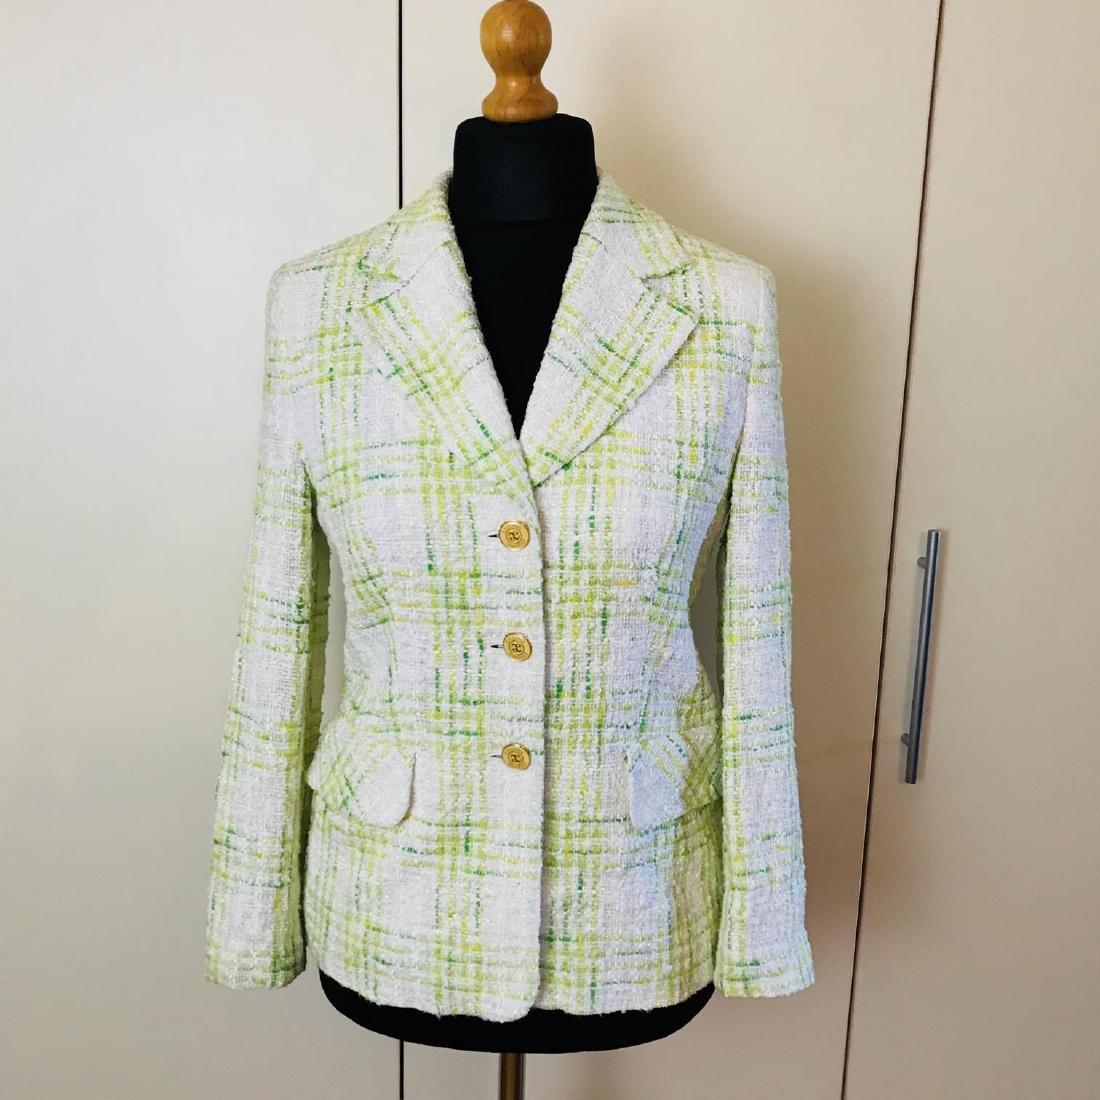 Vintage Women's Prestige Paris Designer Jacket Blazer